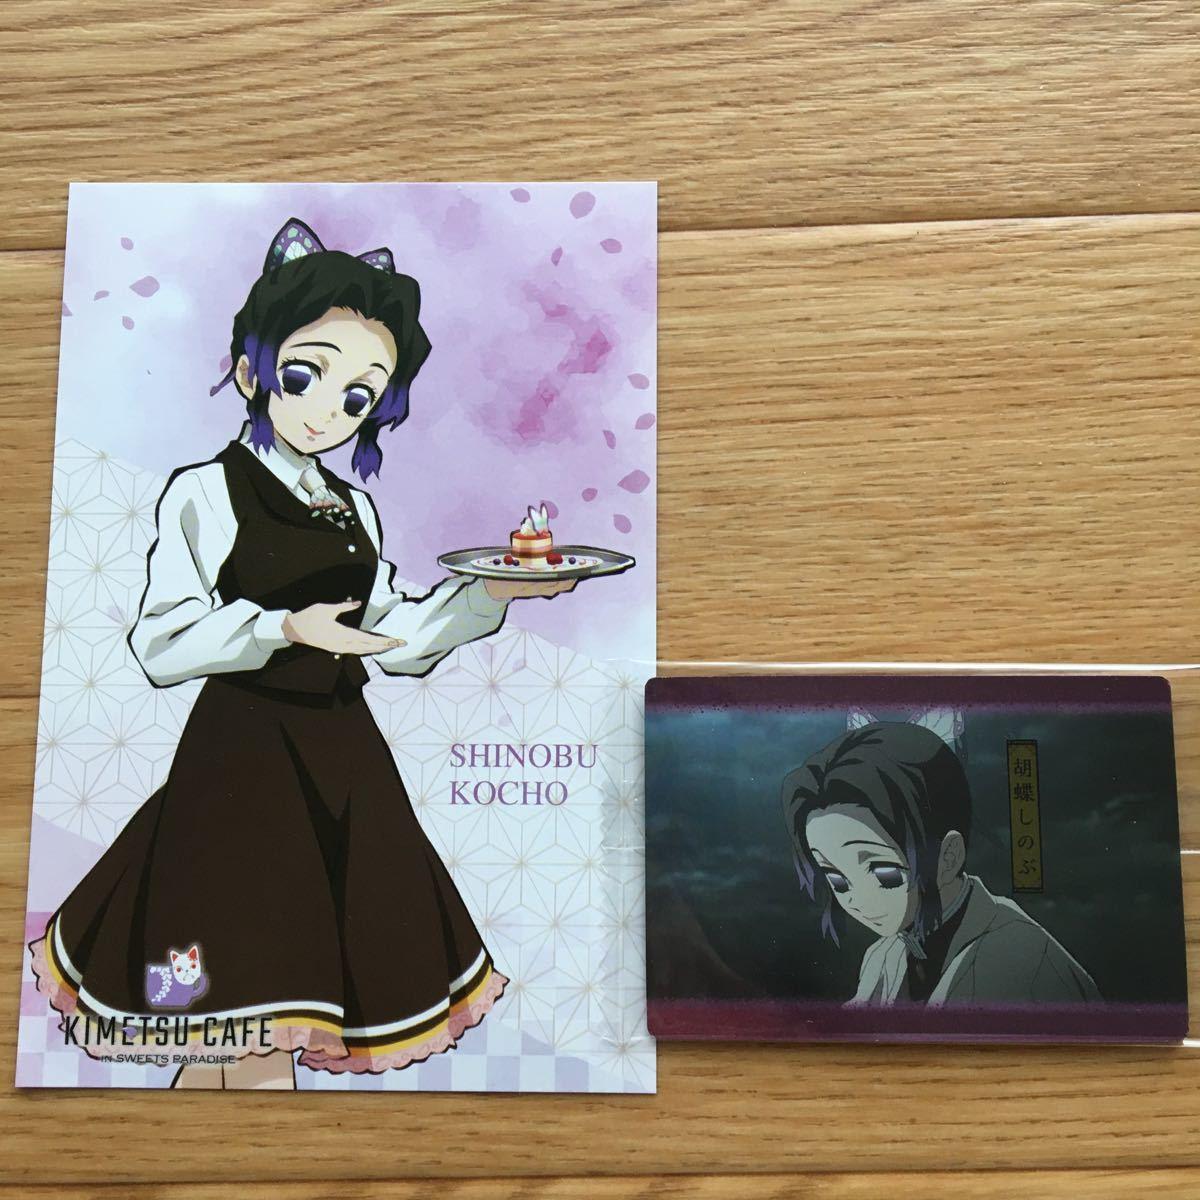 鬼滅の刃 胡蝶しのぶ ポストカード&カード